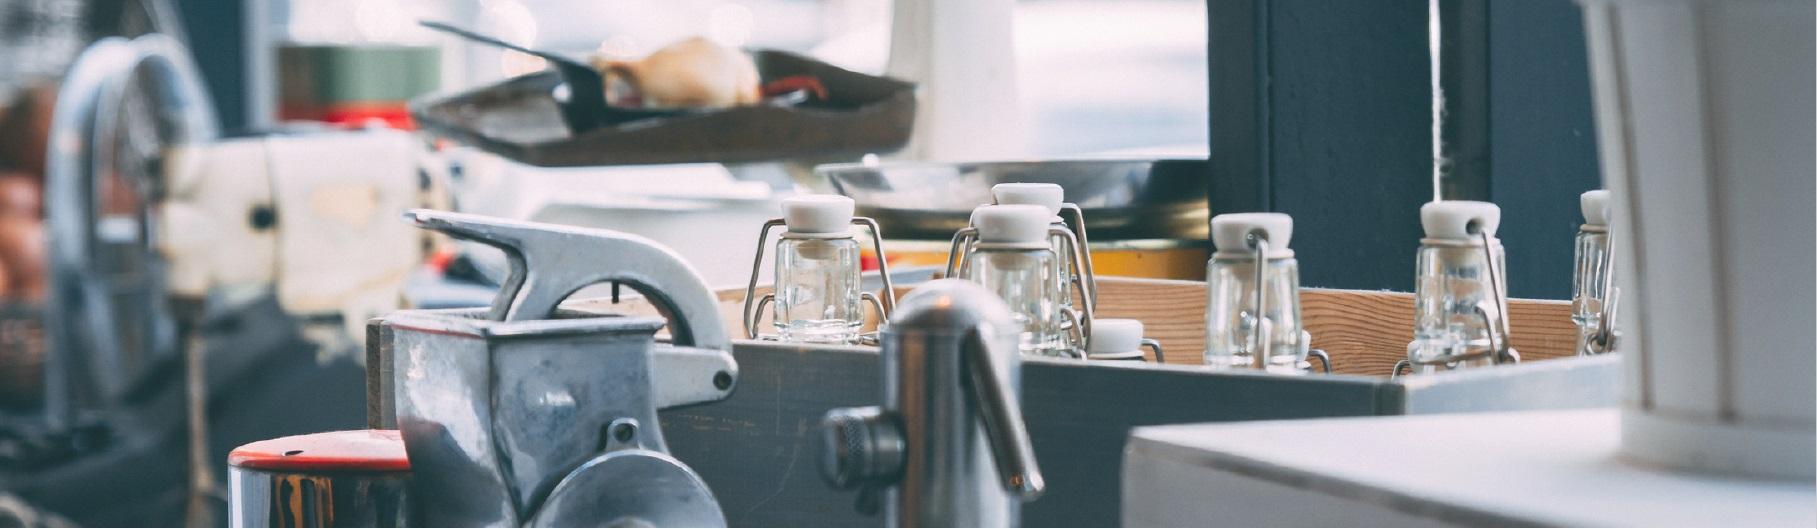 Vue de bar en restauration commerciale